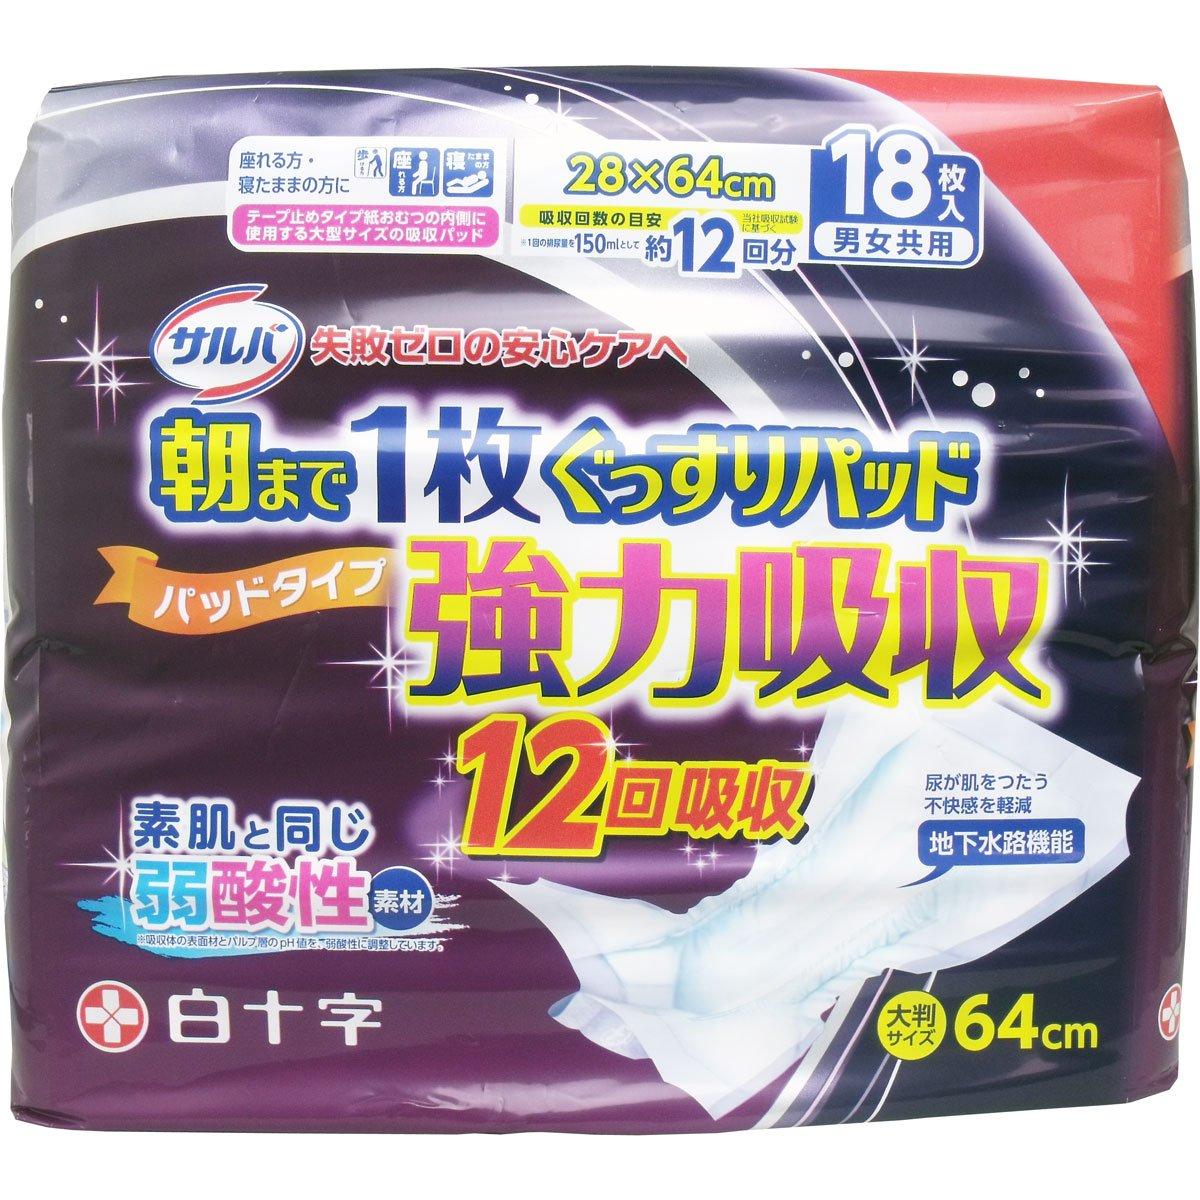 尿とりパッド男女共用 夜用 サルバ 朝まで1枚ぐっすりパッド 強力吸収 18枚入 大人用紙オムツ(介護用オムツ) [7パックセット] B072VDWFHT 7パック  7パック